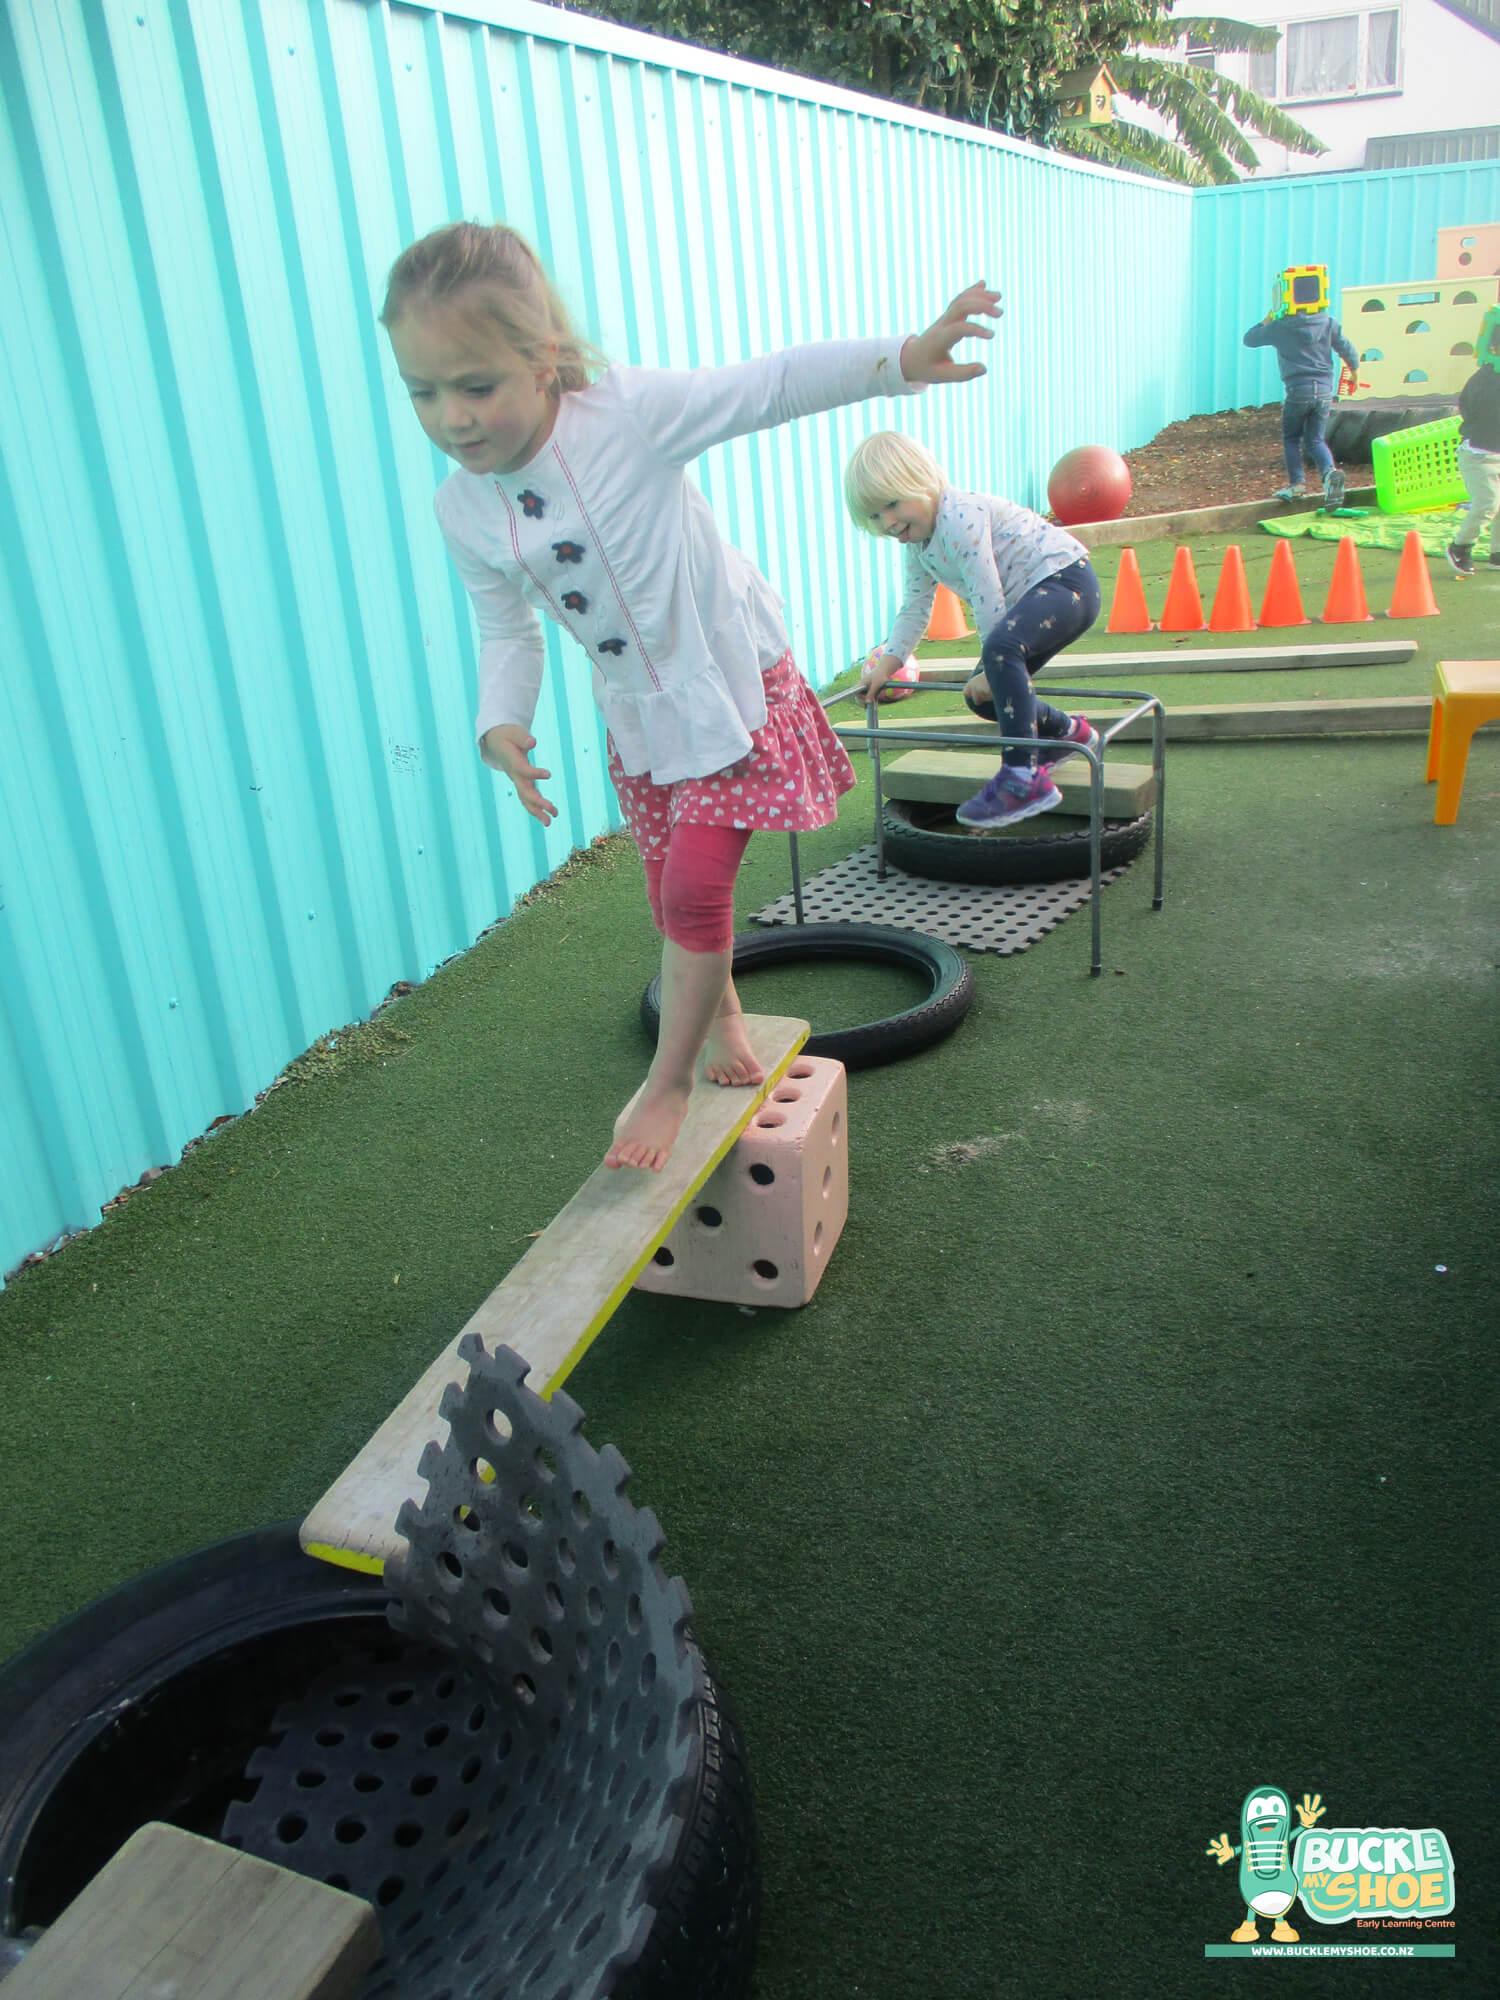 buckle-my-shoe-childcare-tauranga-movement-11.jpg